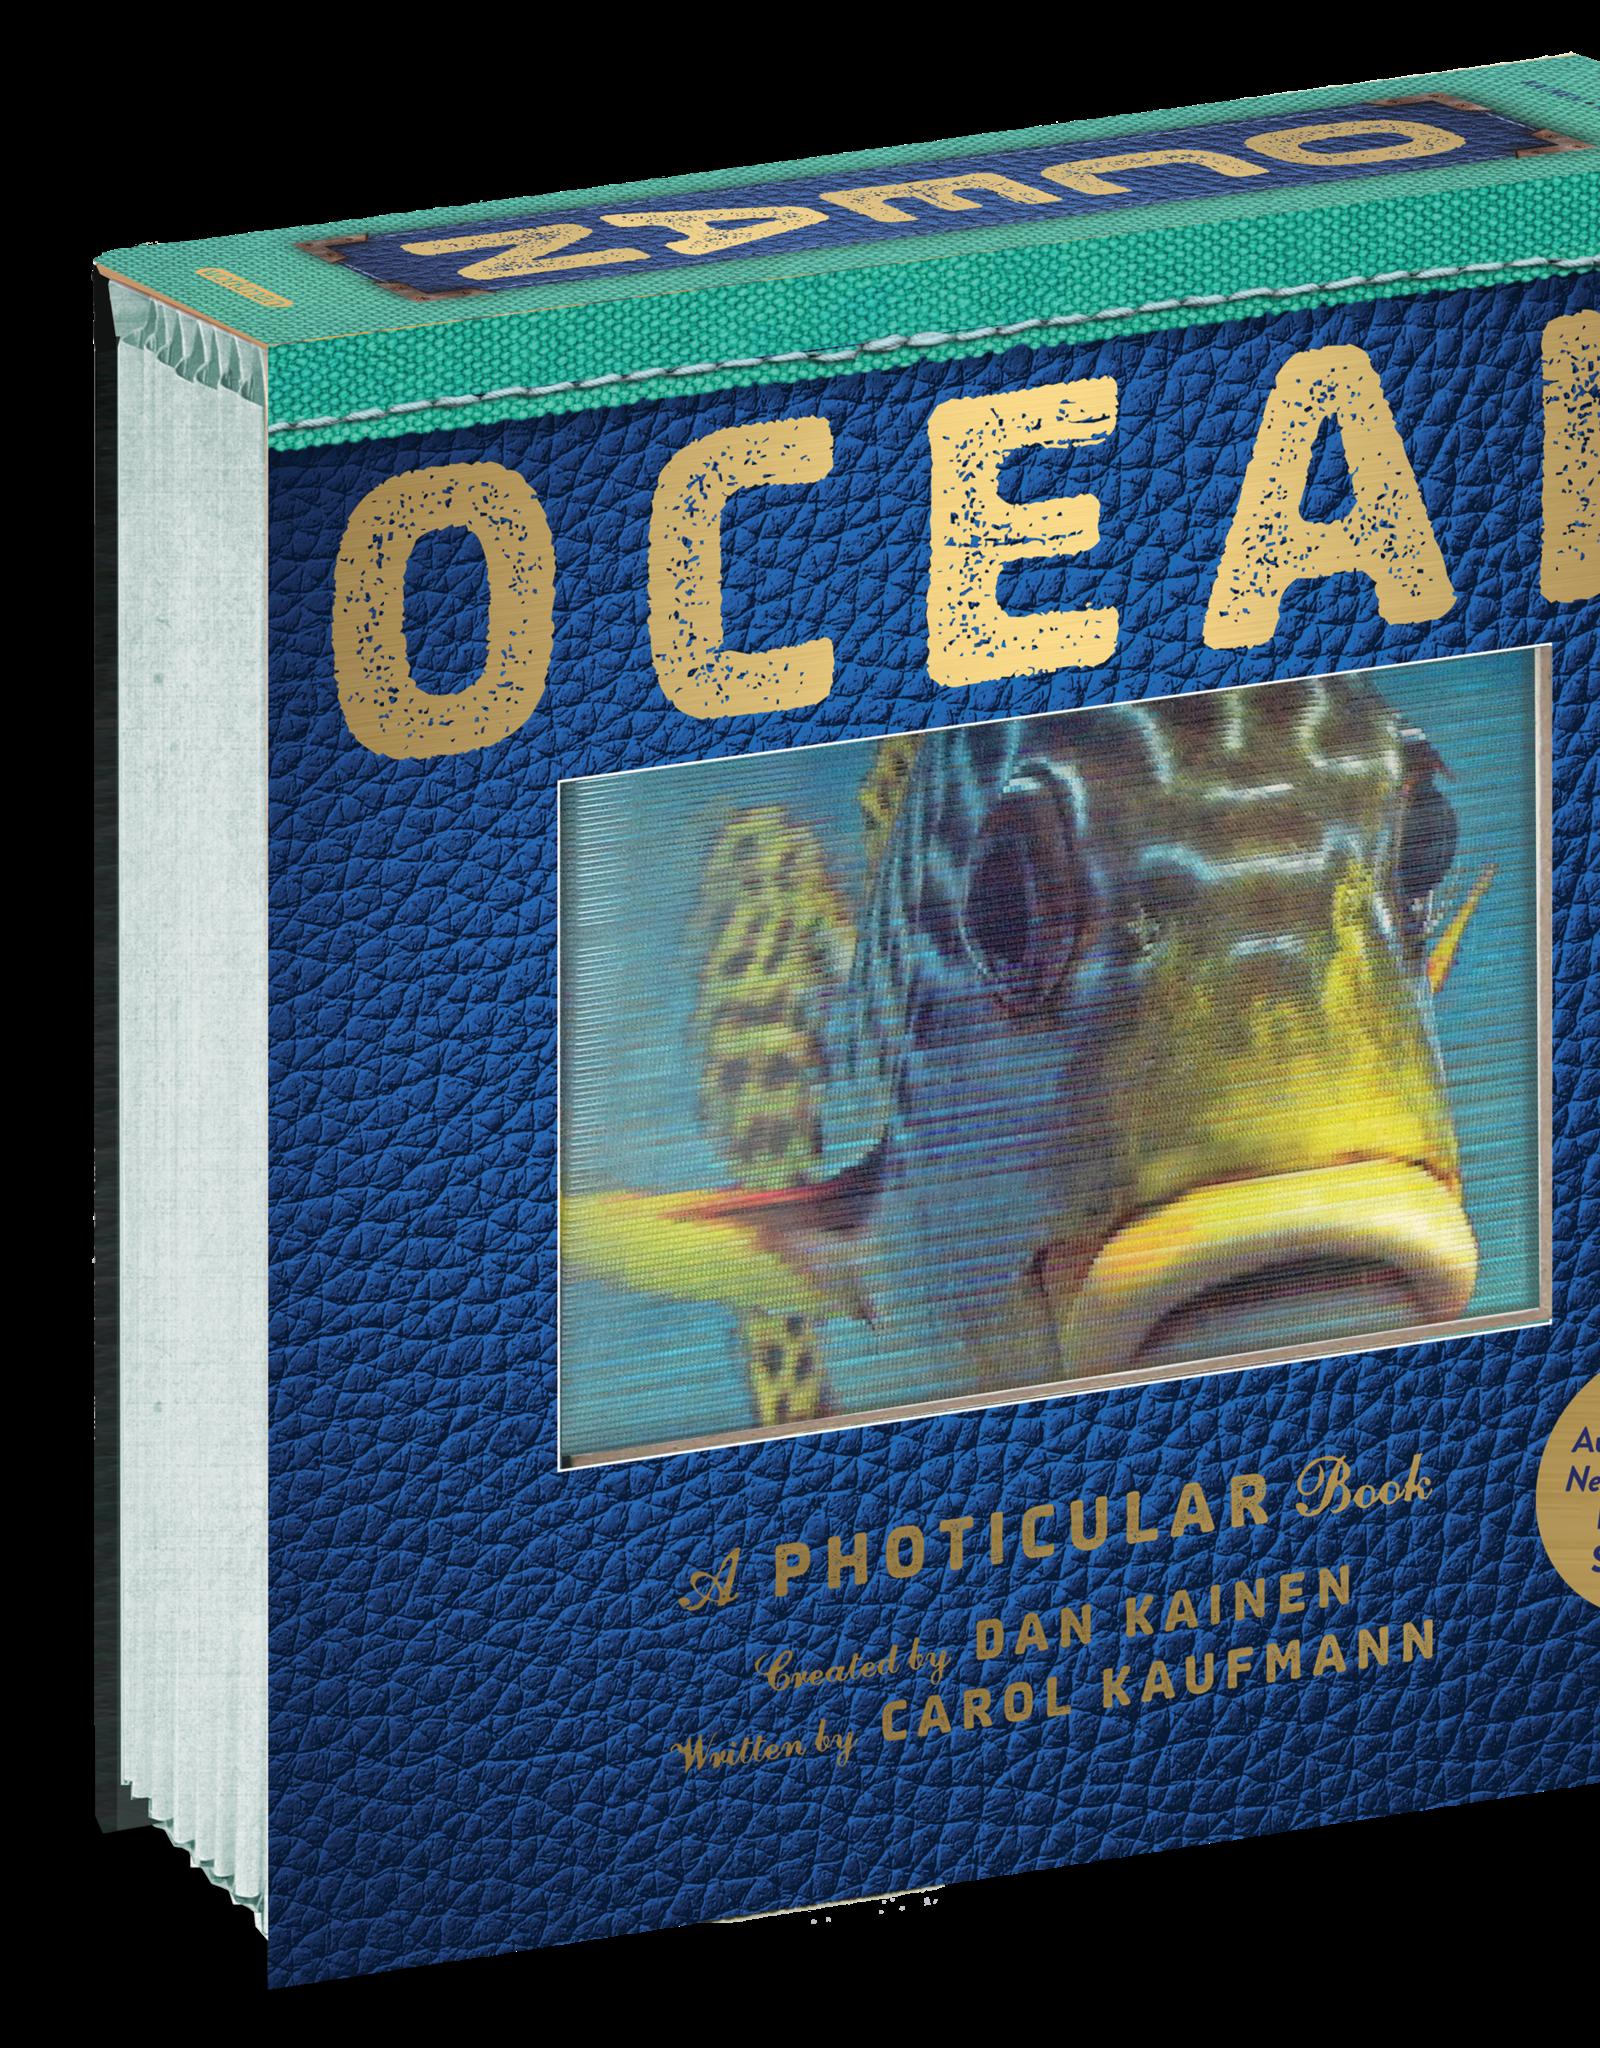 Workman Ocean